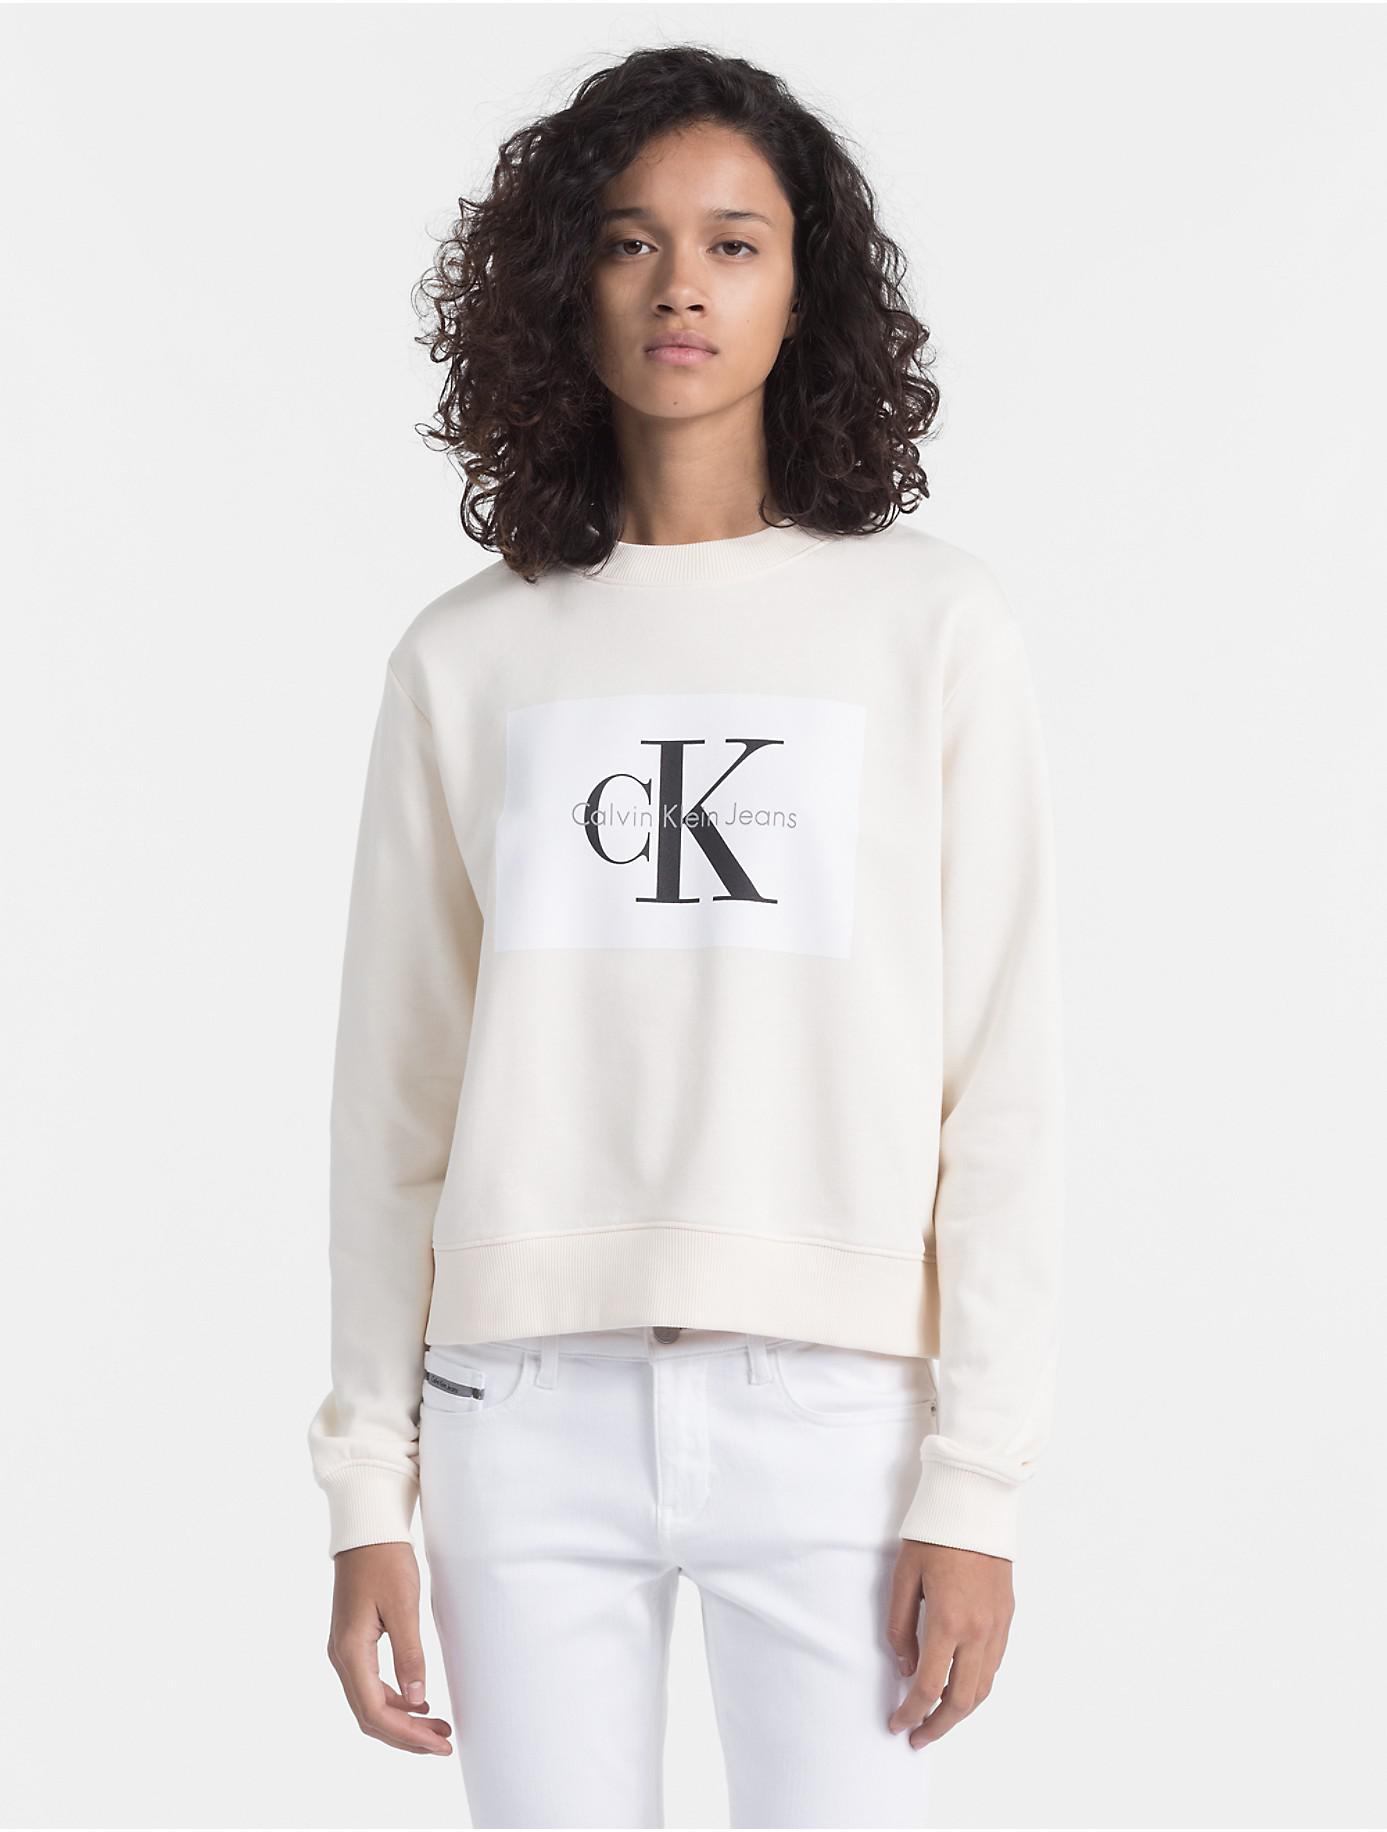 Logo White Calvin Klein Block Lyst Monogram In Sweatshirt pCtxqf